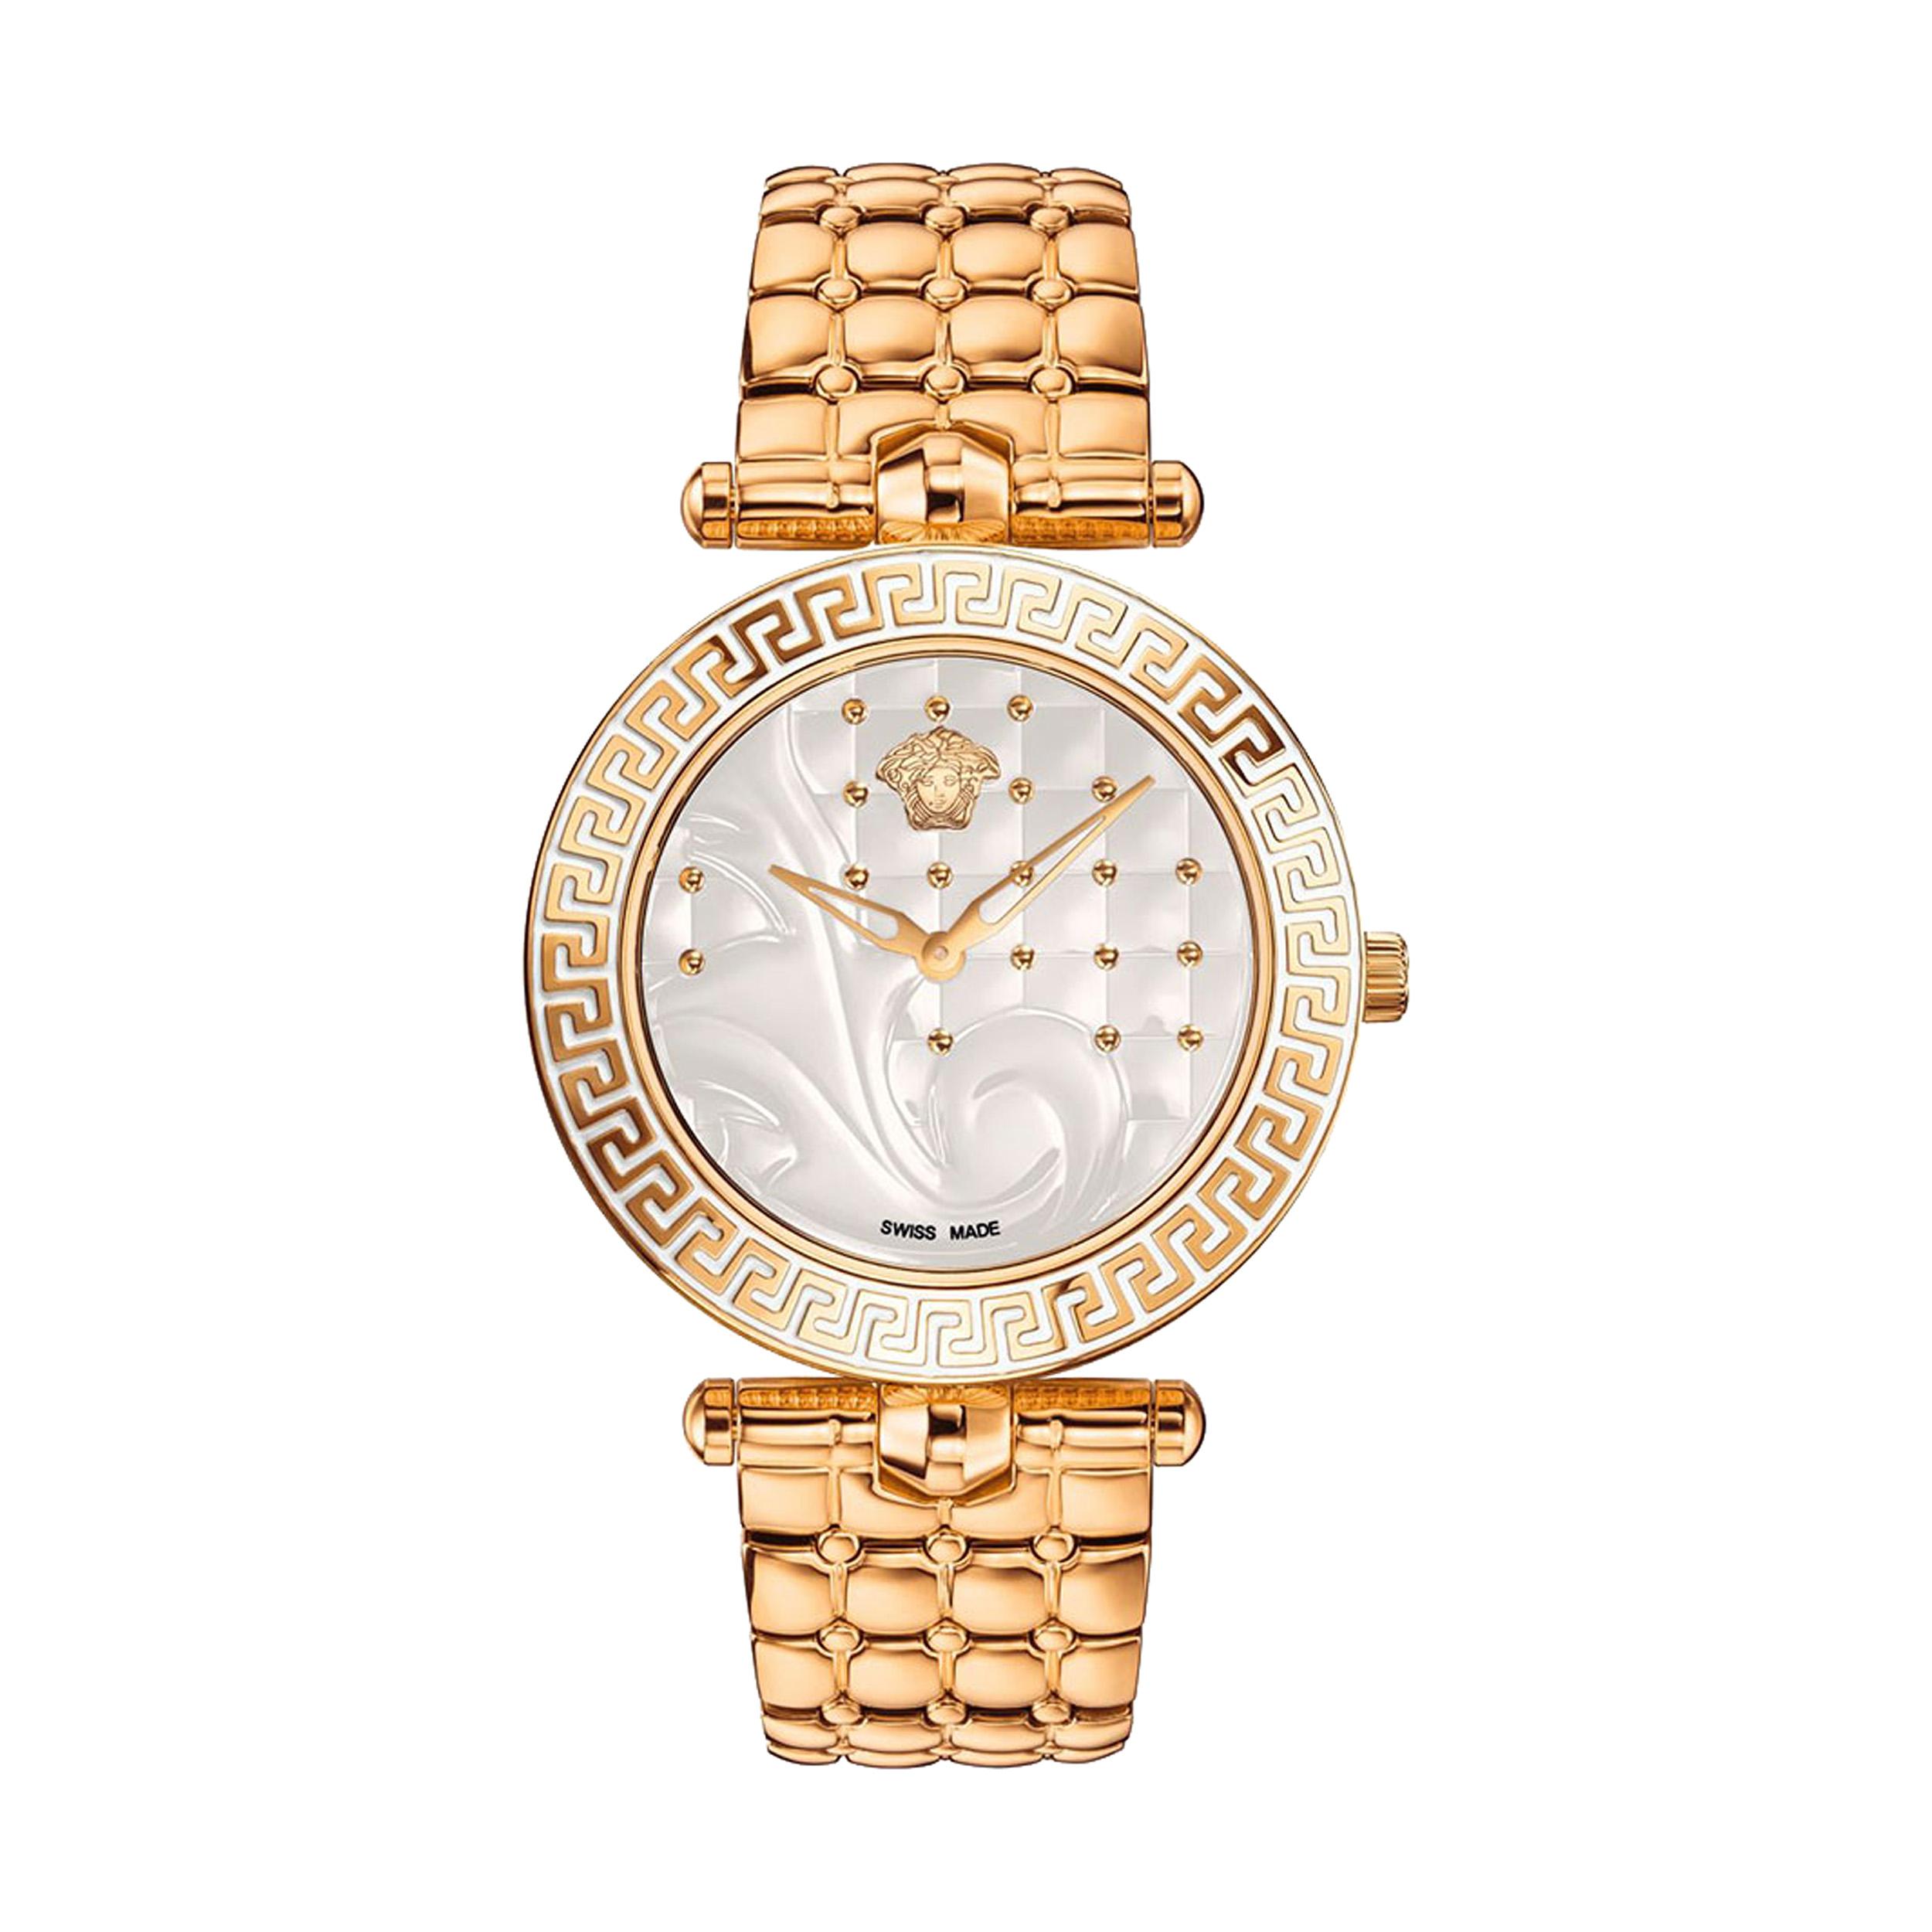 خرید ساعت مچی عقربه ای زنانه ورساچه مدل VK7240015